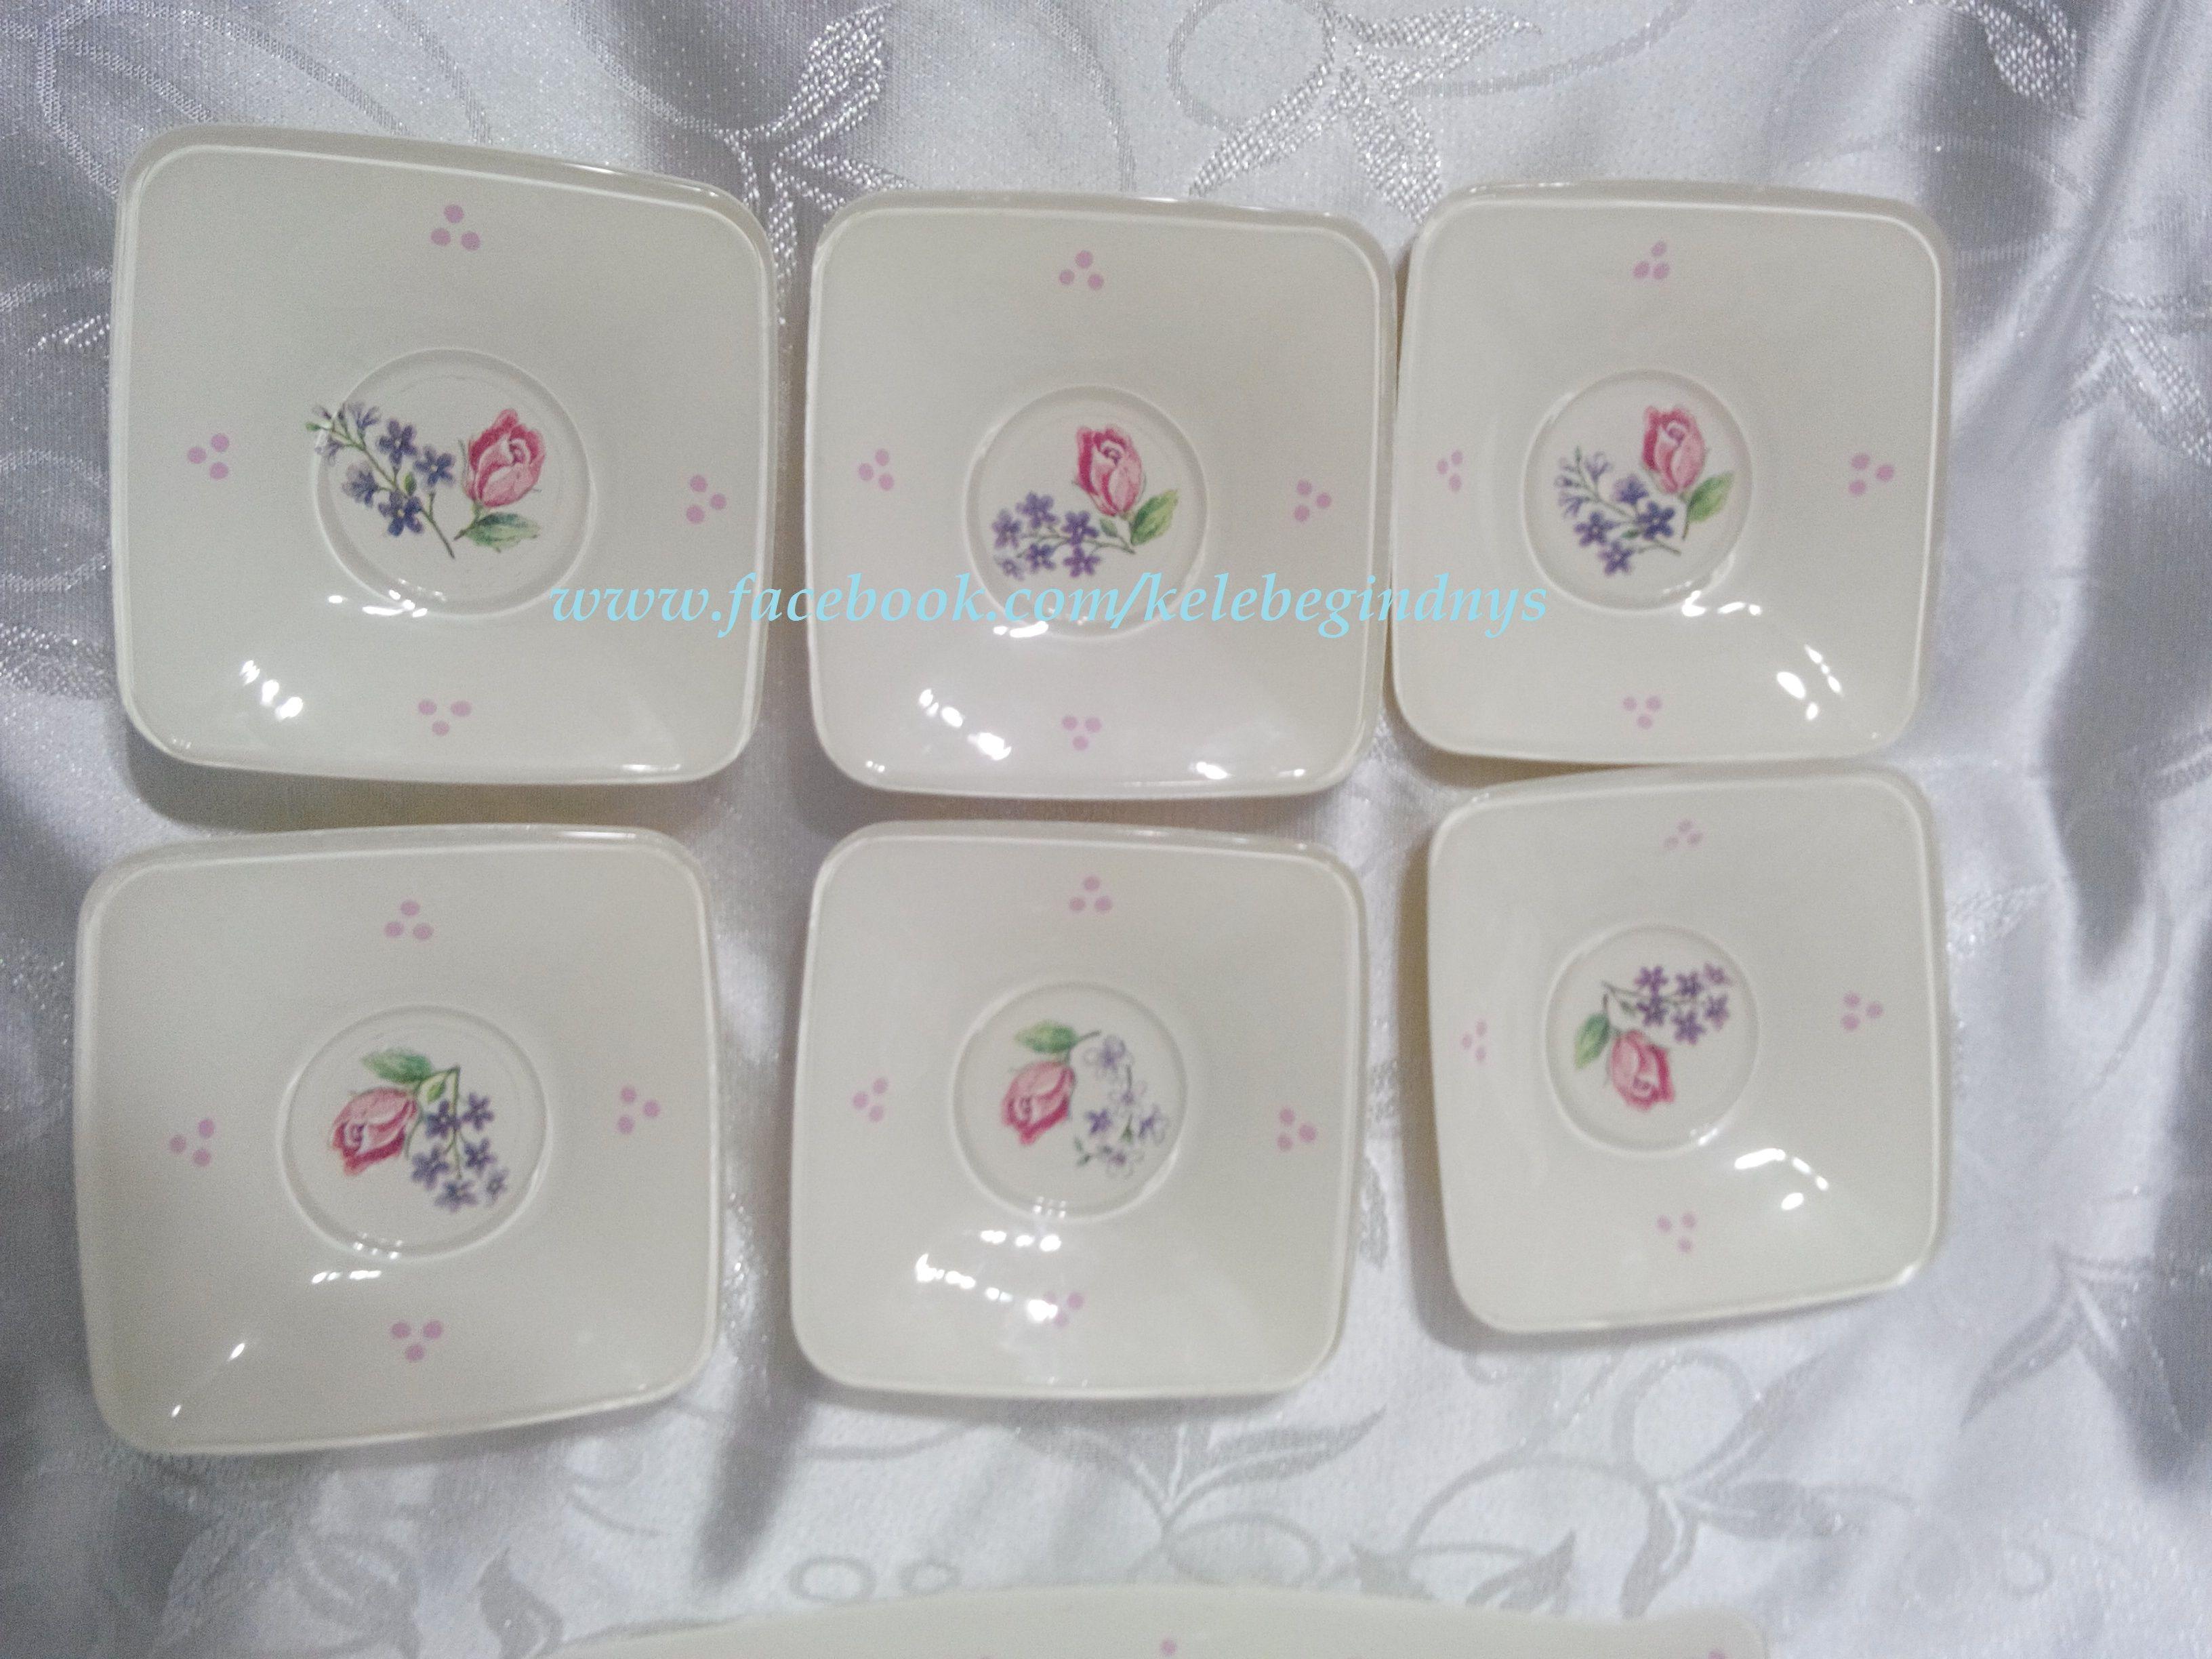 Gül Desenli Çay Tabağı 25TL satın almak için http://kelebek-design.blogspot.com.tr/  ve https://www.facebook.com/kelebegindnys